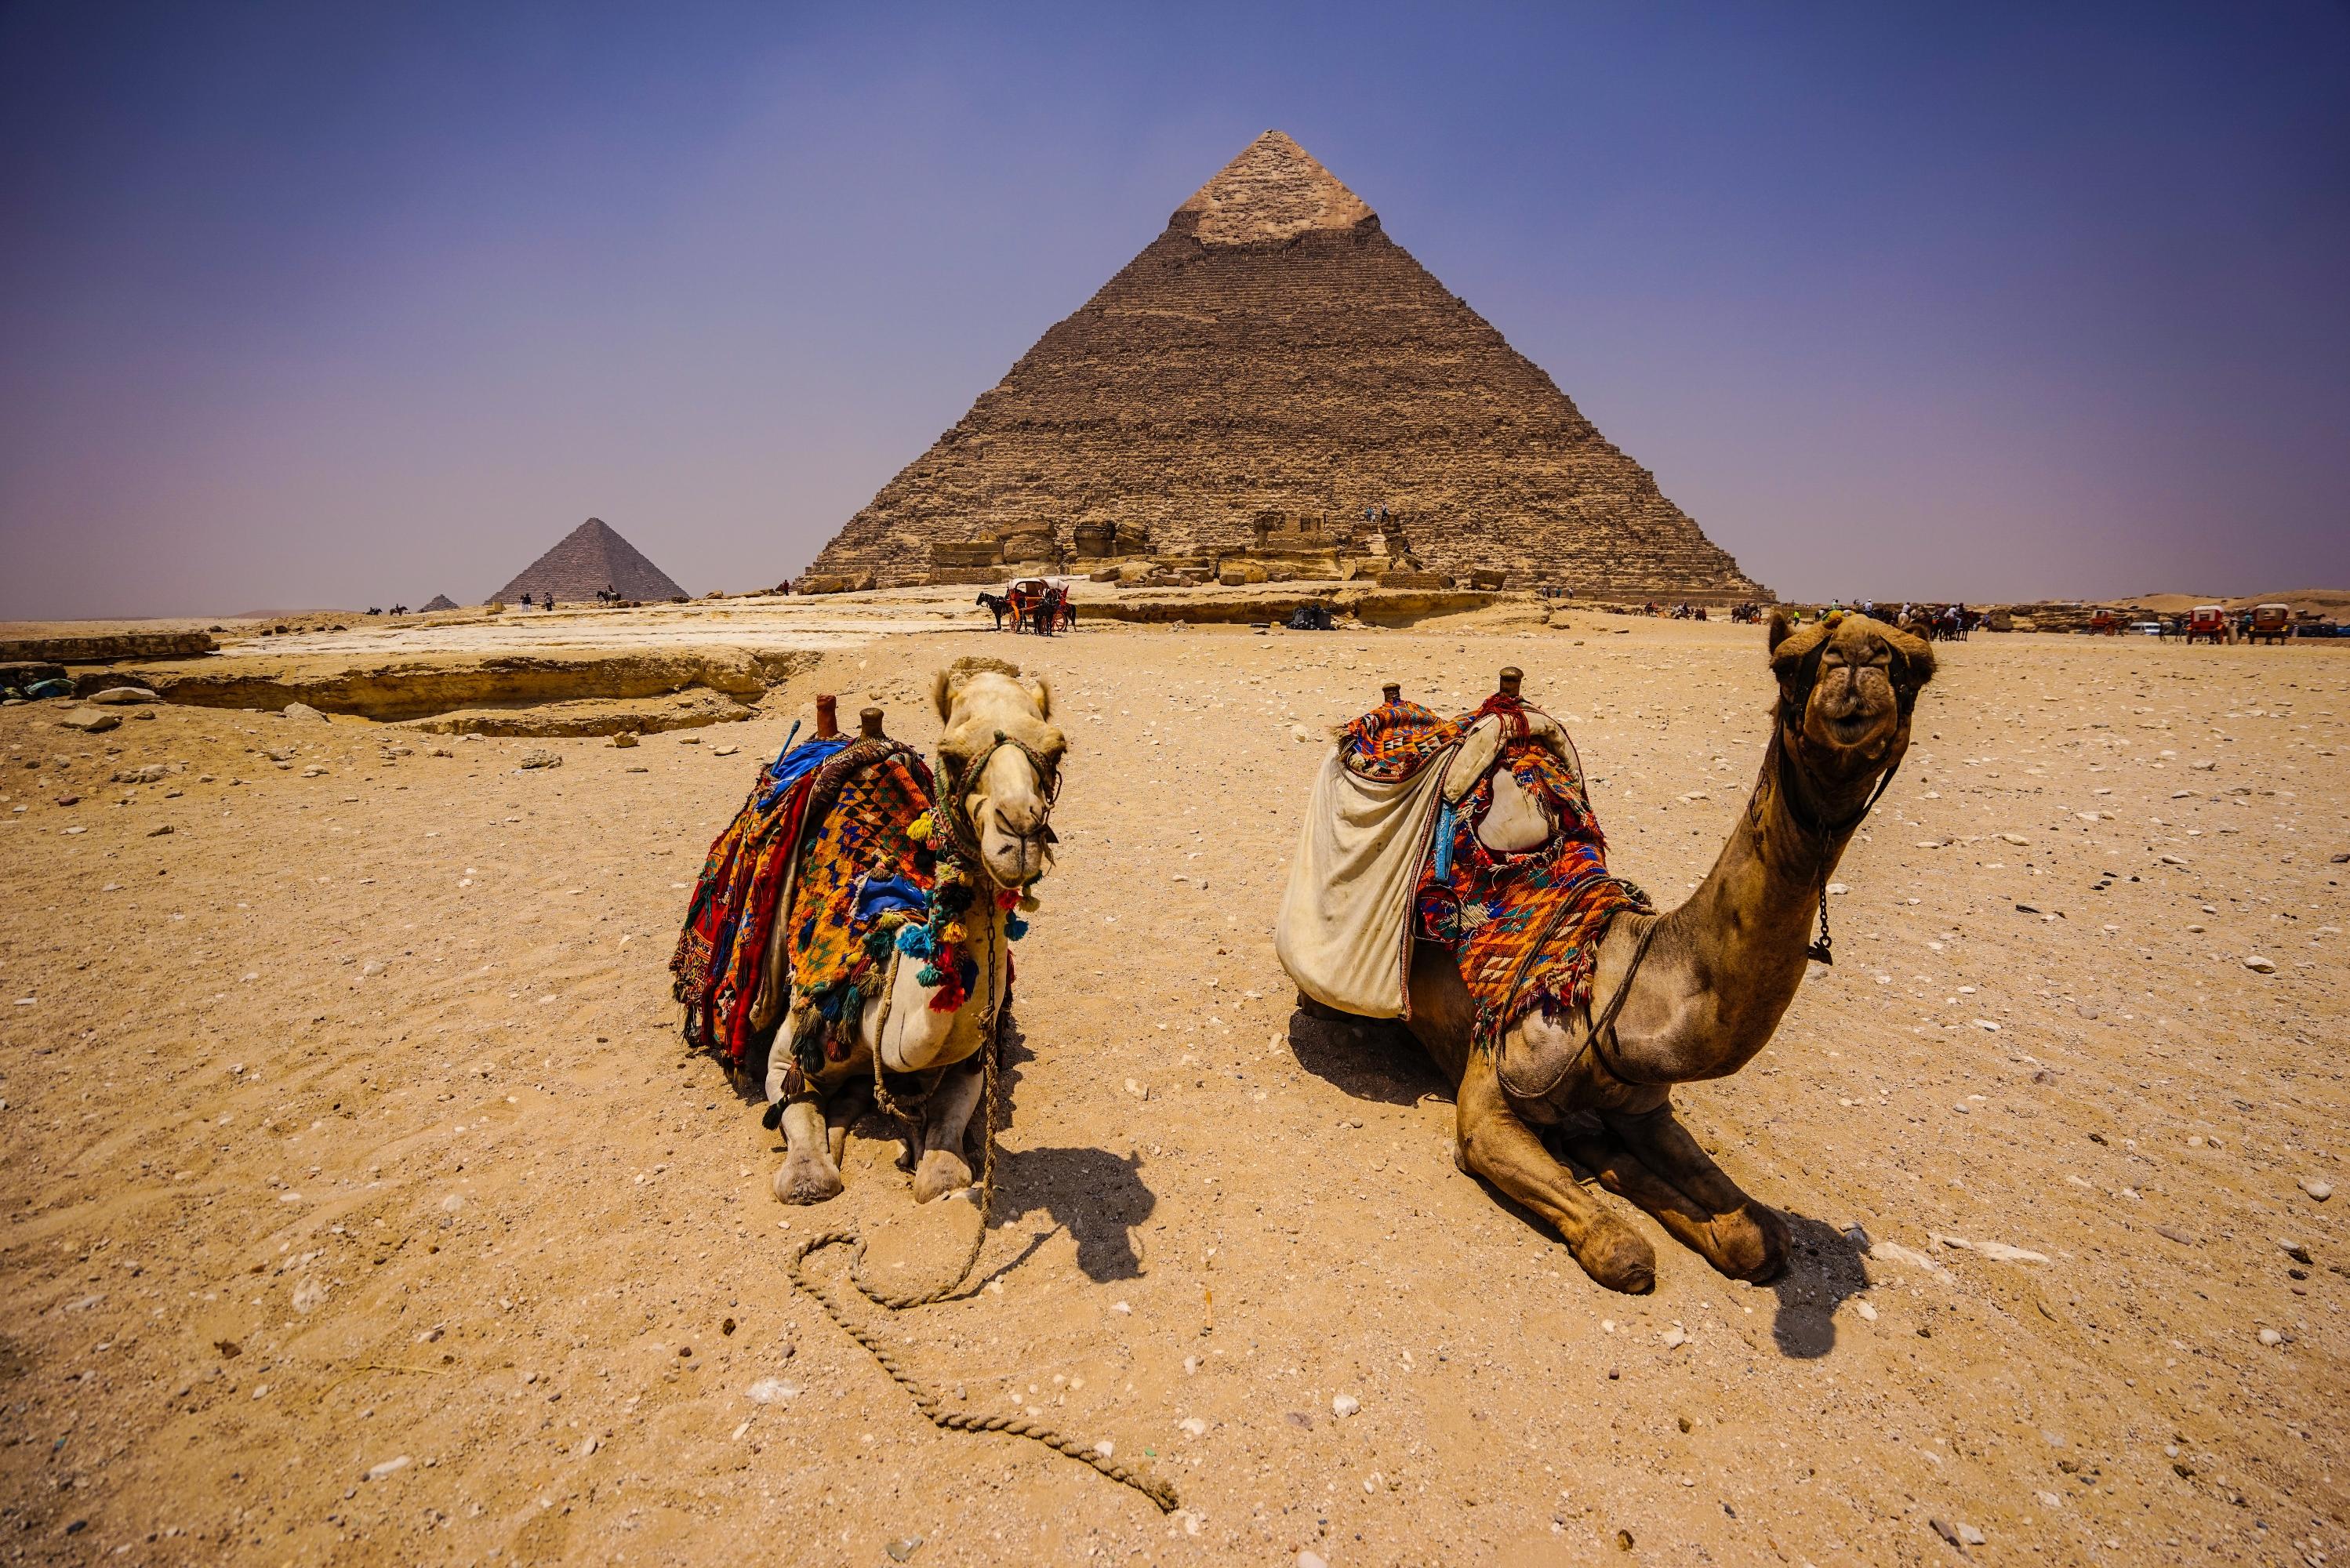 埃及+迪拜+阿布扎比11日8晚跟团游(5钻)·【一价包】游轮3晚/内飞/升JW万豪/红海全天